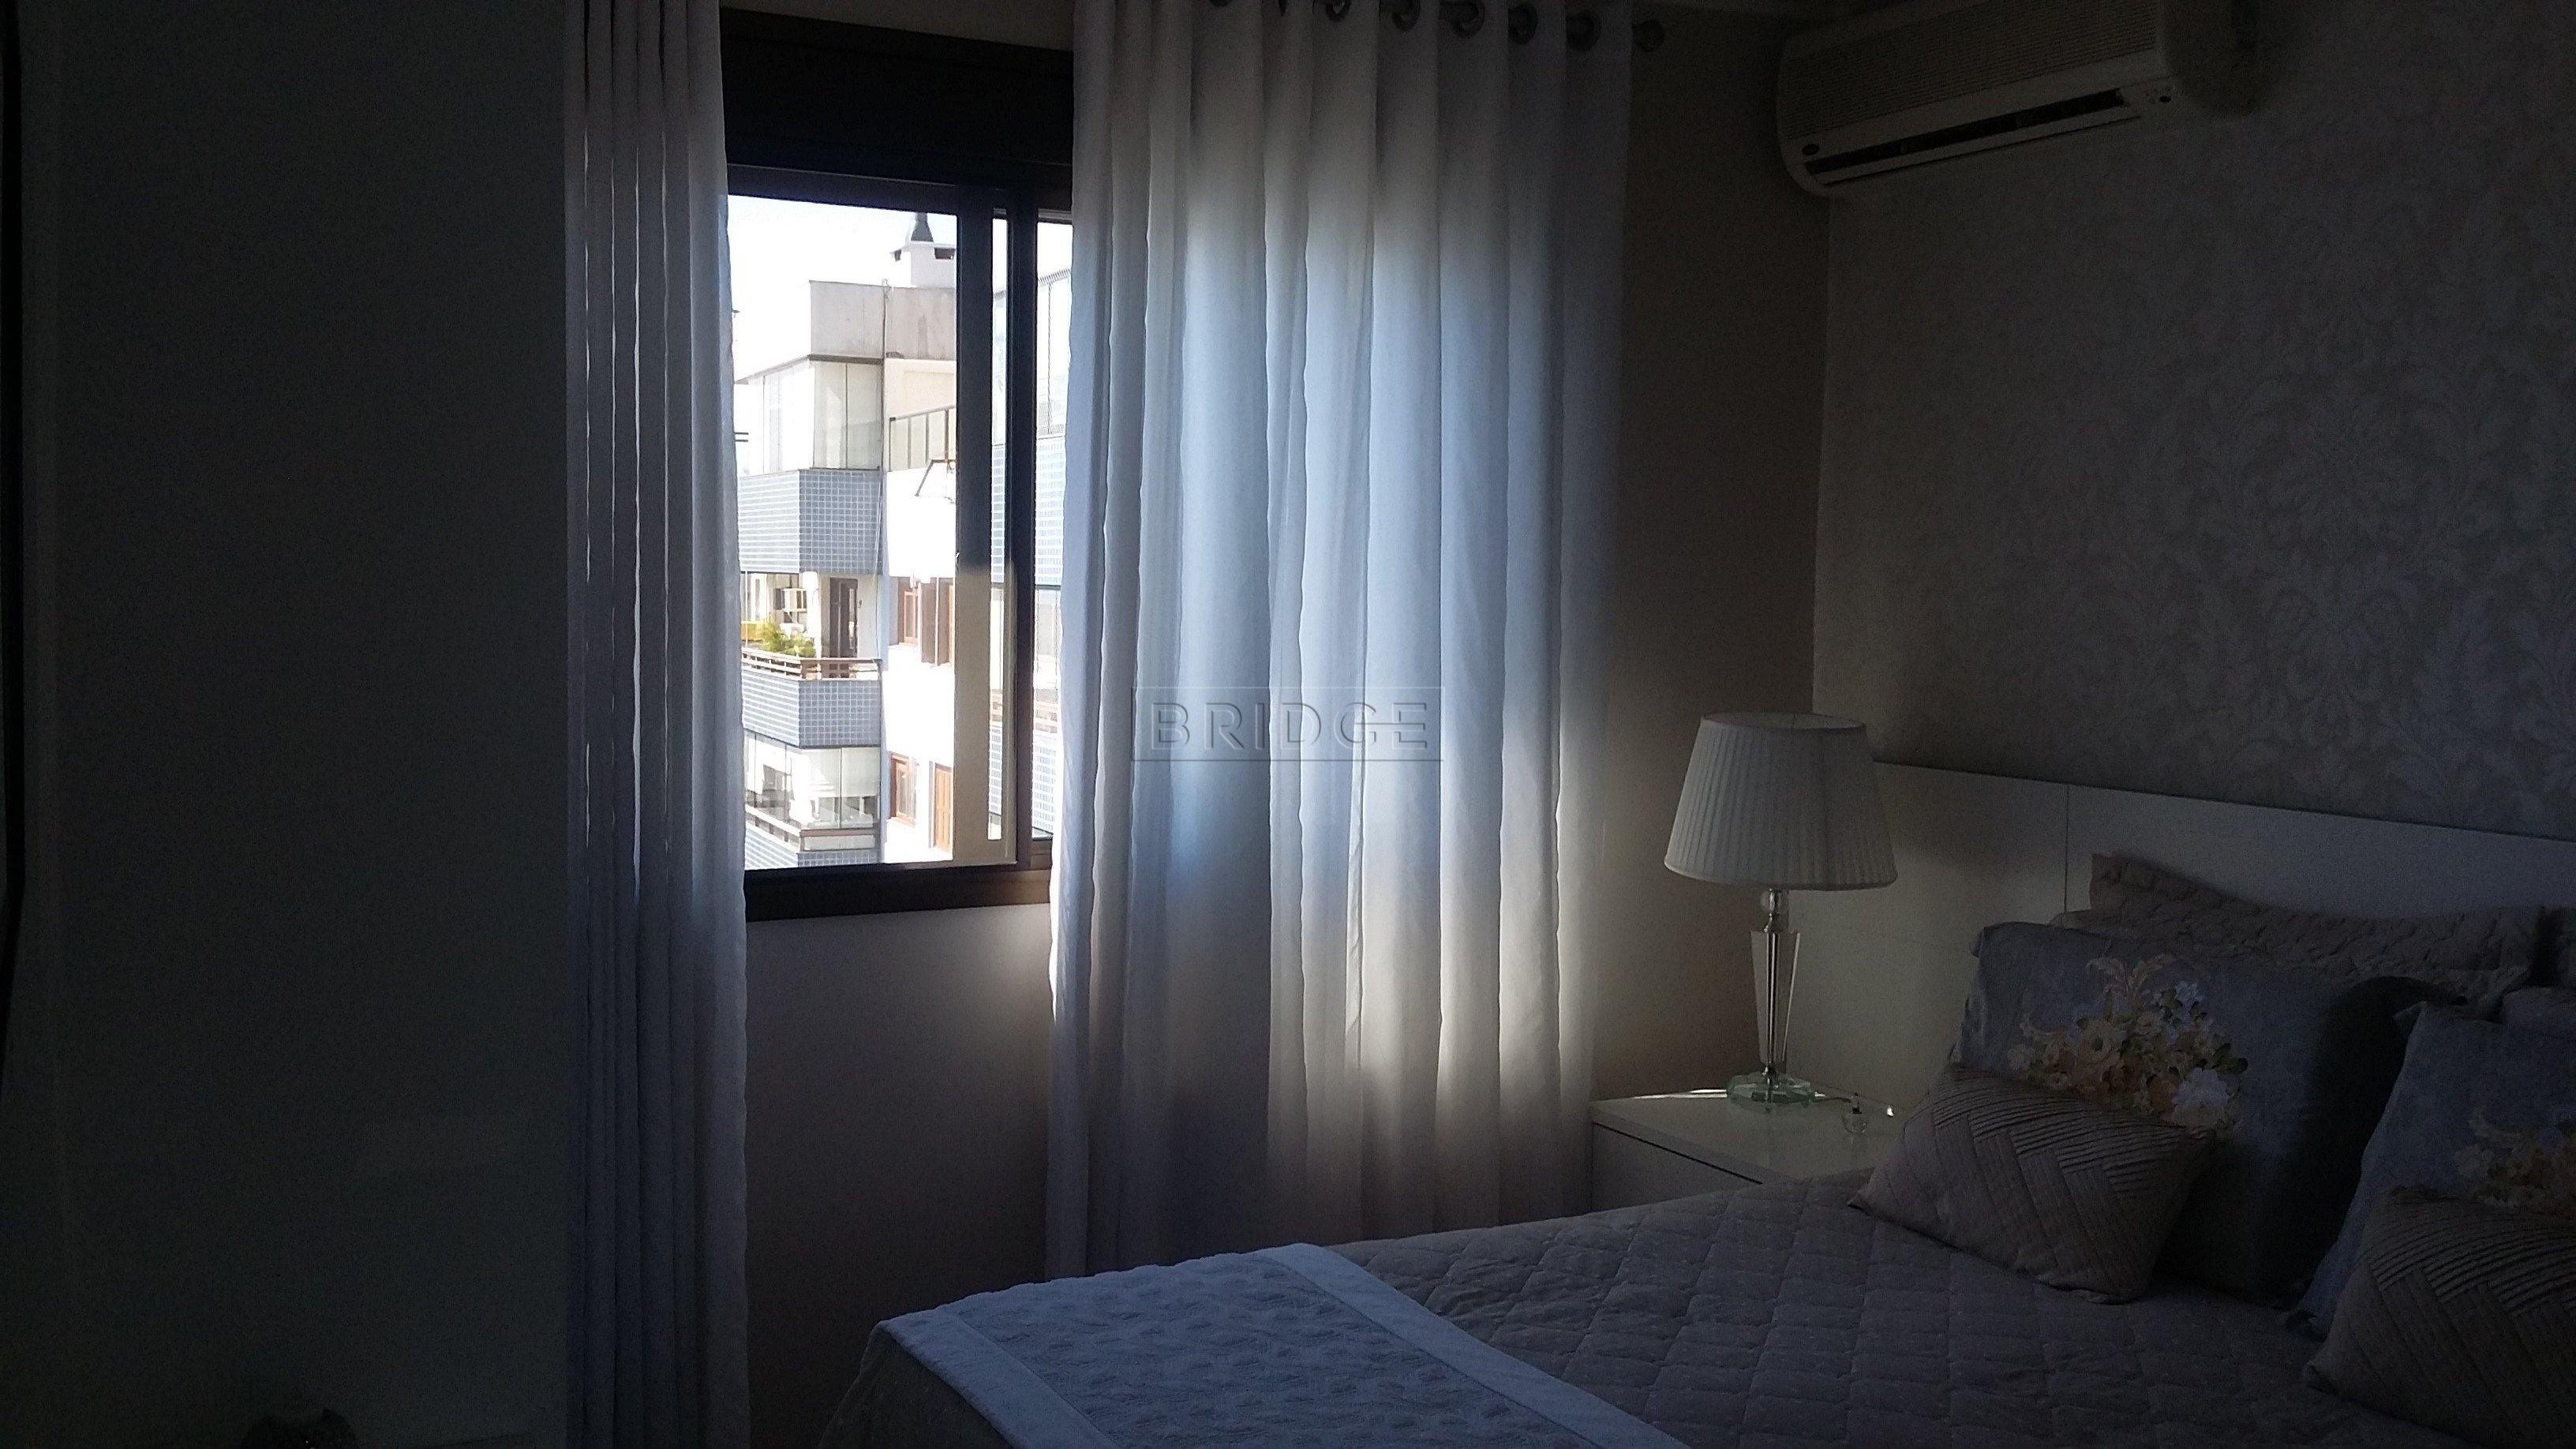 Apartamento com 3 Dormitórios 1 Suíte e 2 Vagas de Garagem à venda  #4C637F 3264x1836 Banheiro Acessível Dimensões